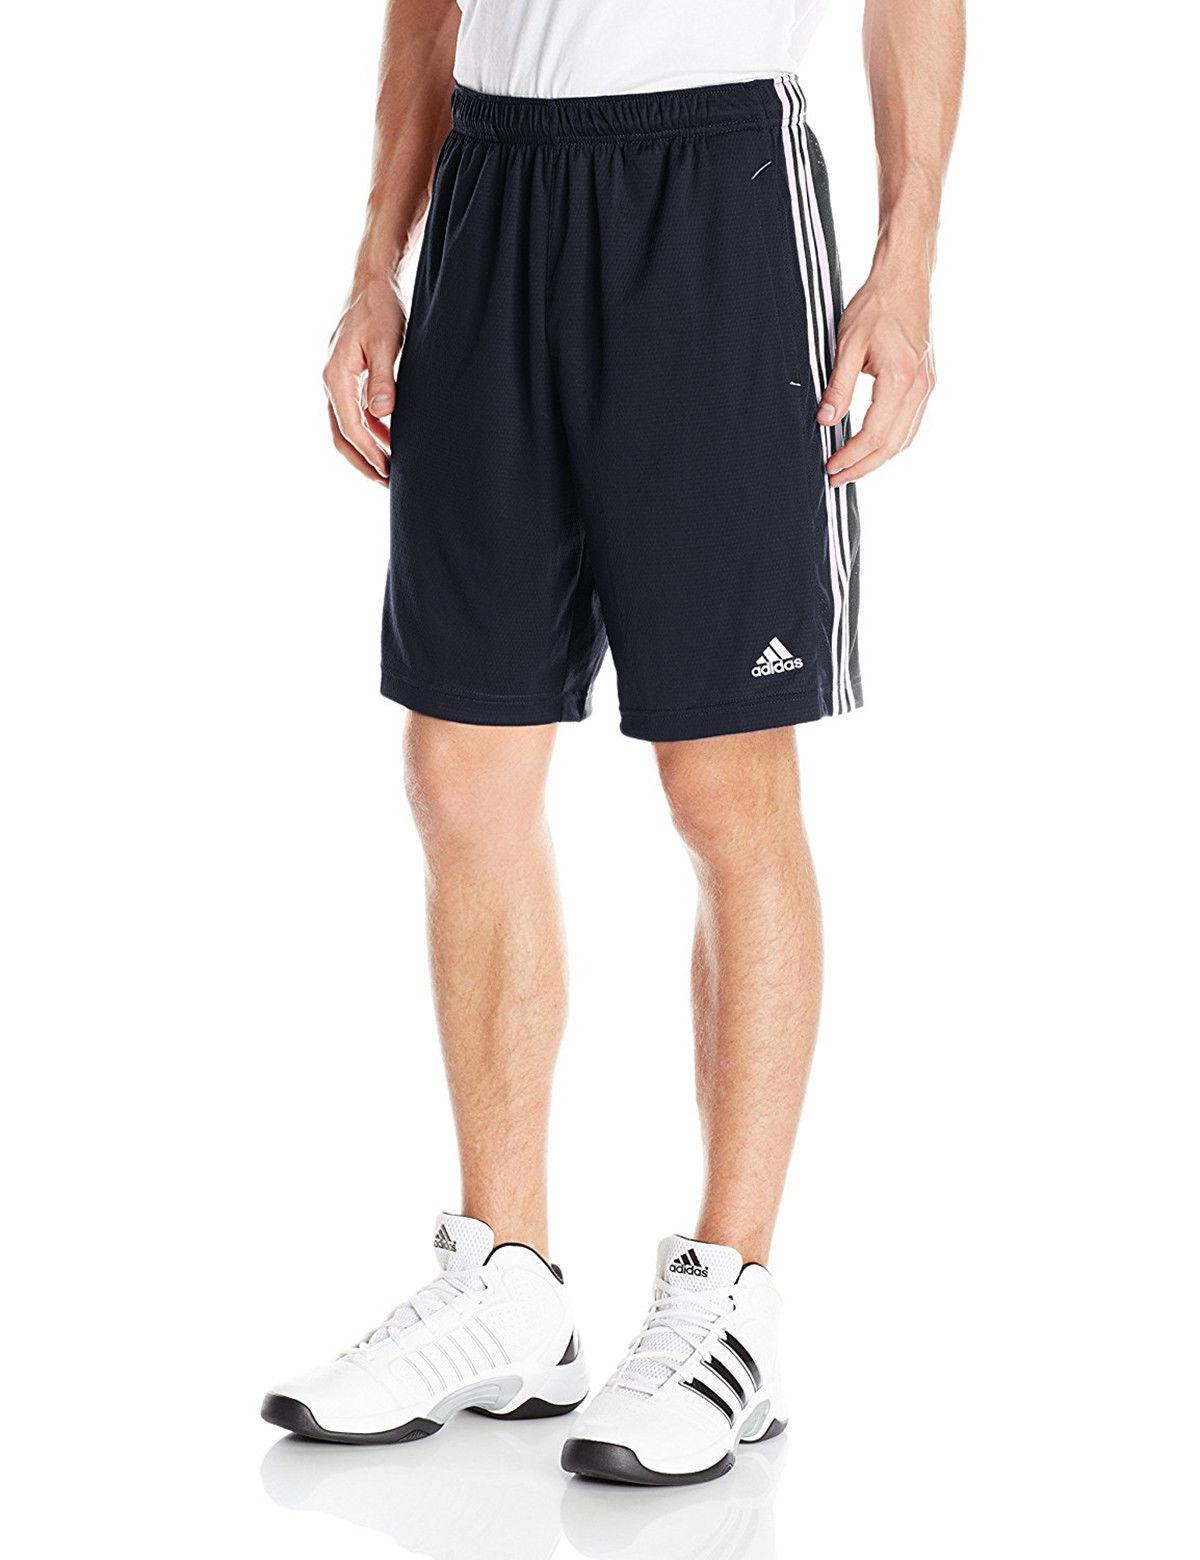 Navy White size Medium Adidas Men/'s Climalite Training Athletic Shorts